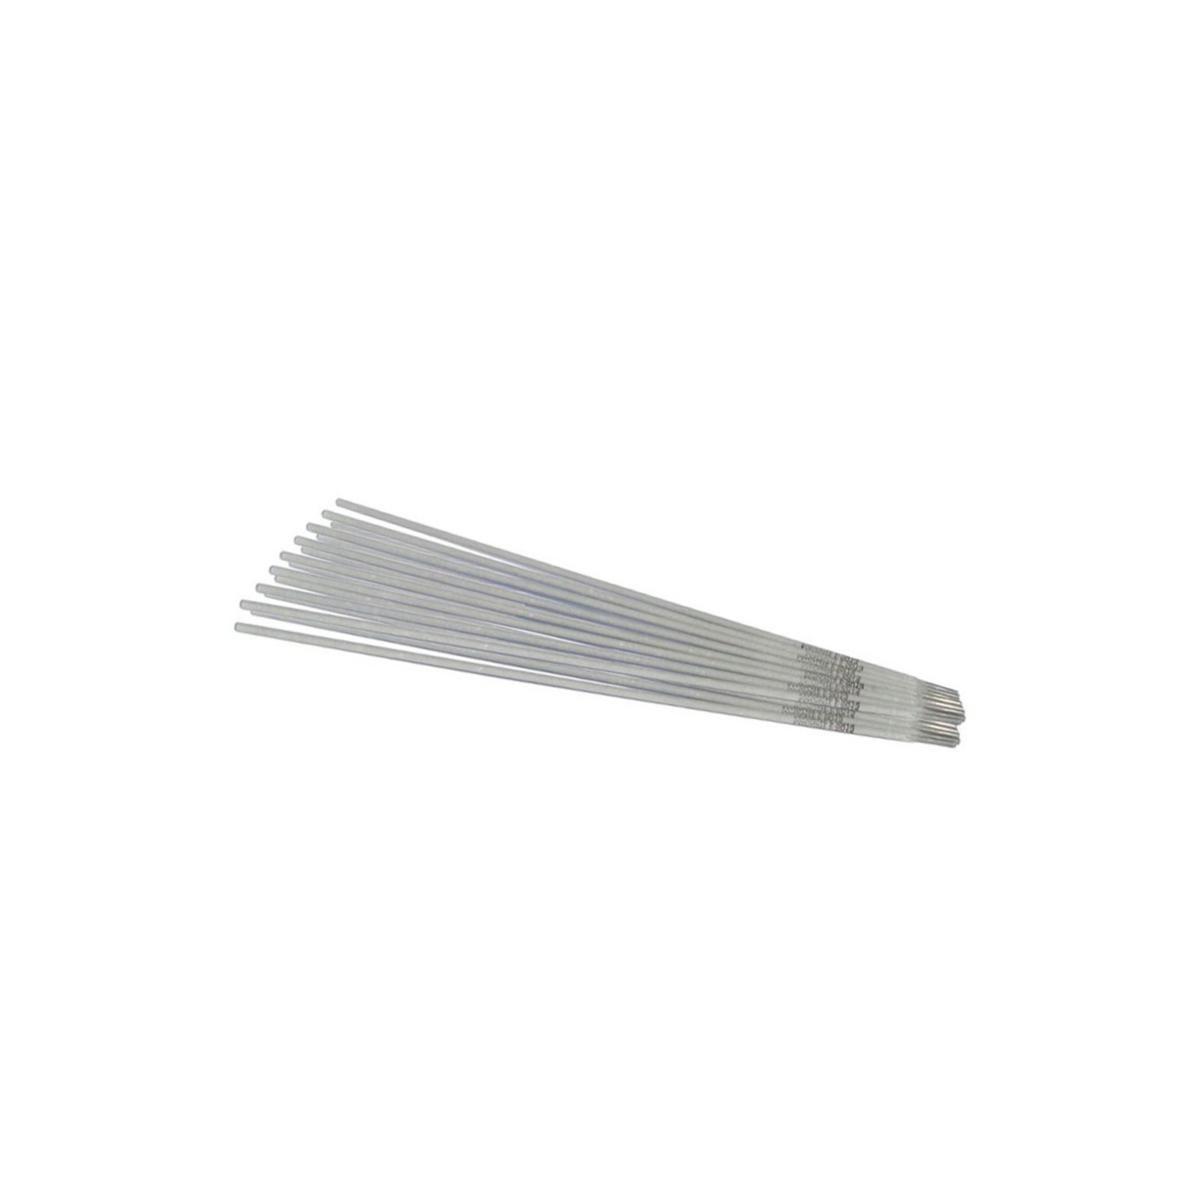 Electrodes Acier 3.2 x 350mm Boite de 5.8Kg//204 PZ Baguettes MMA E6013 FUSION To